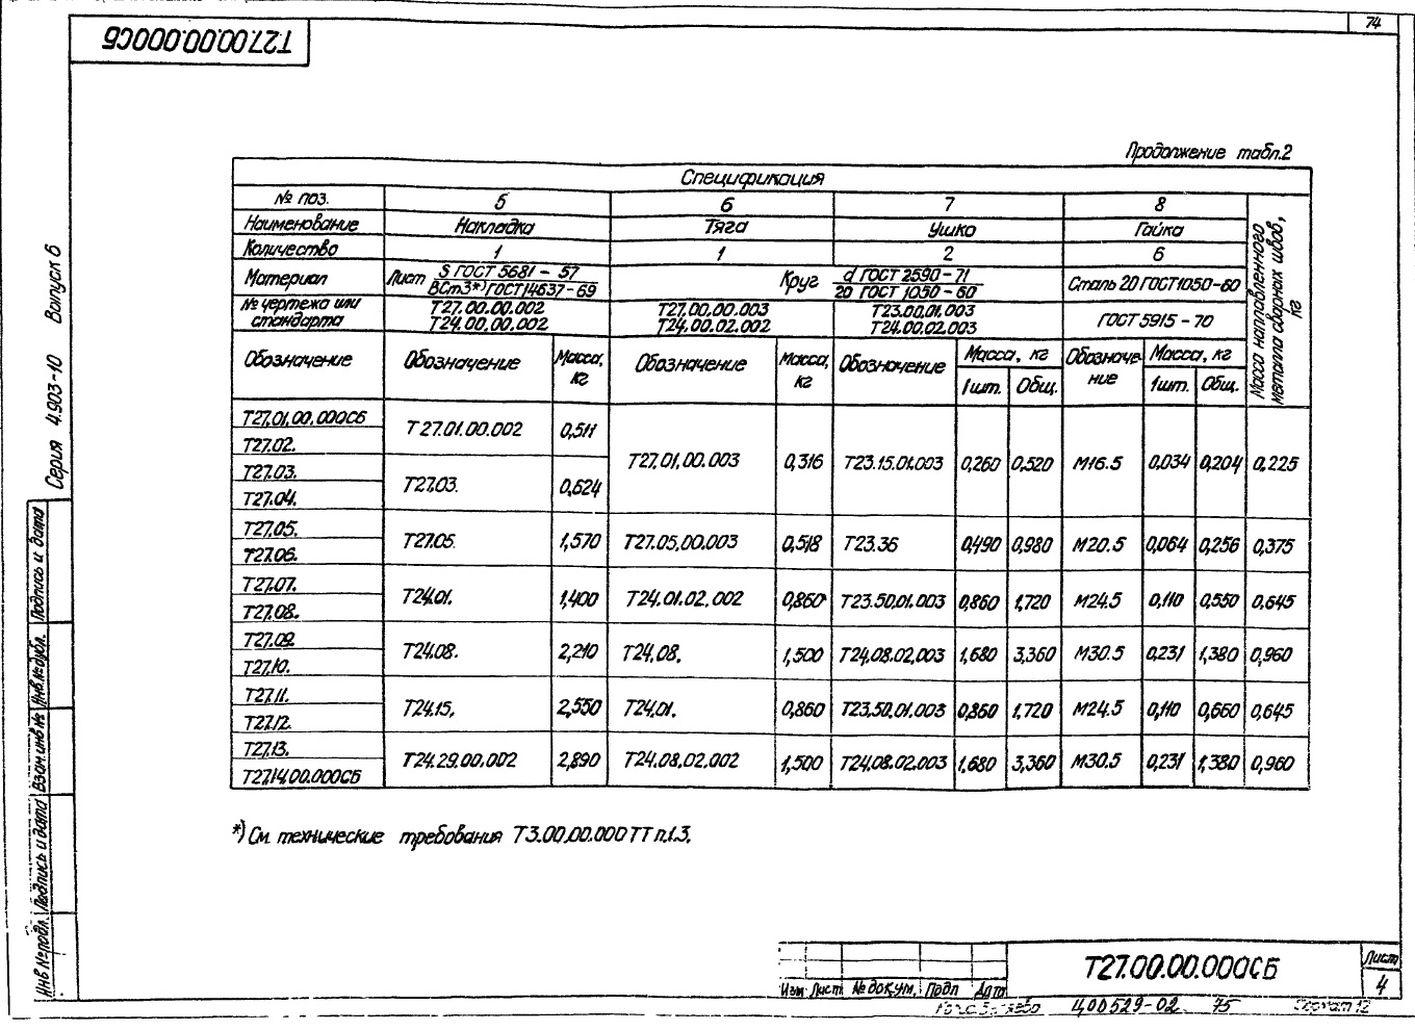 Опора подвесная пружинная Т27 с.4.903-10 вып.6 стр.4